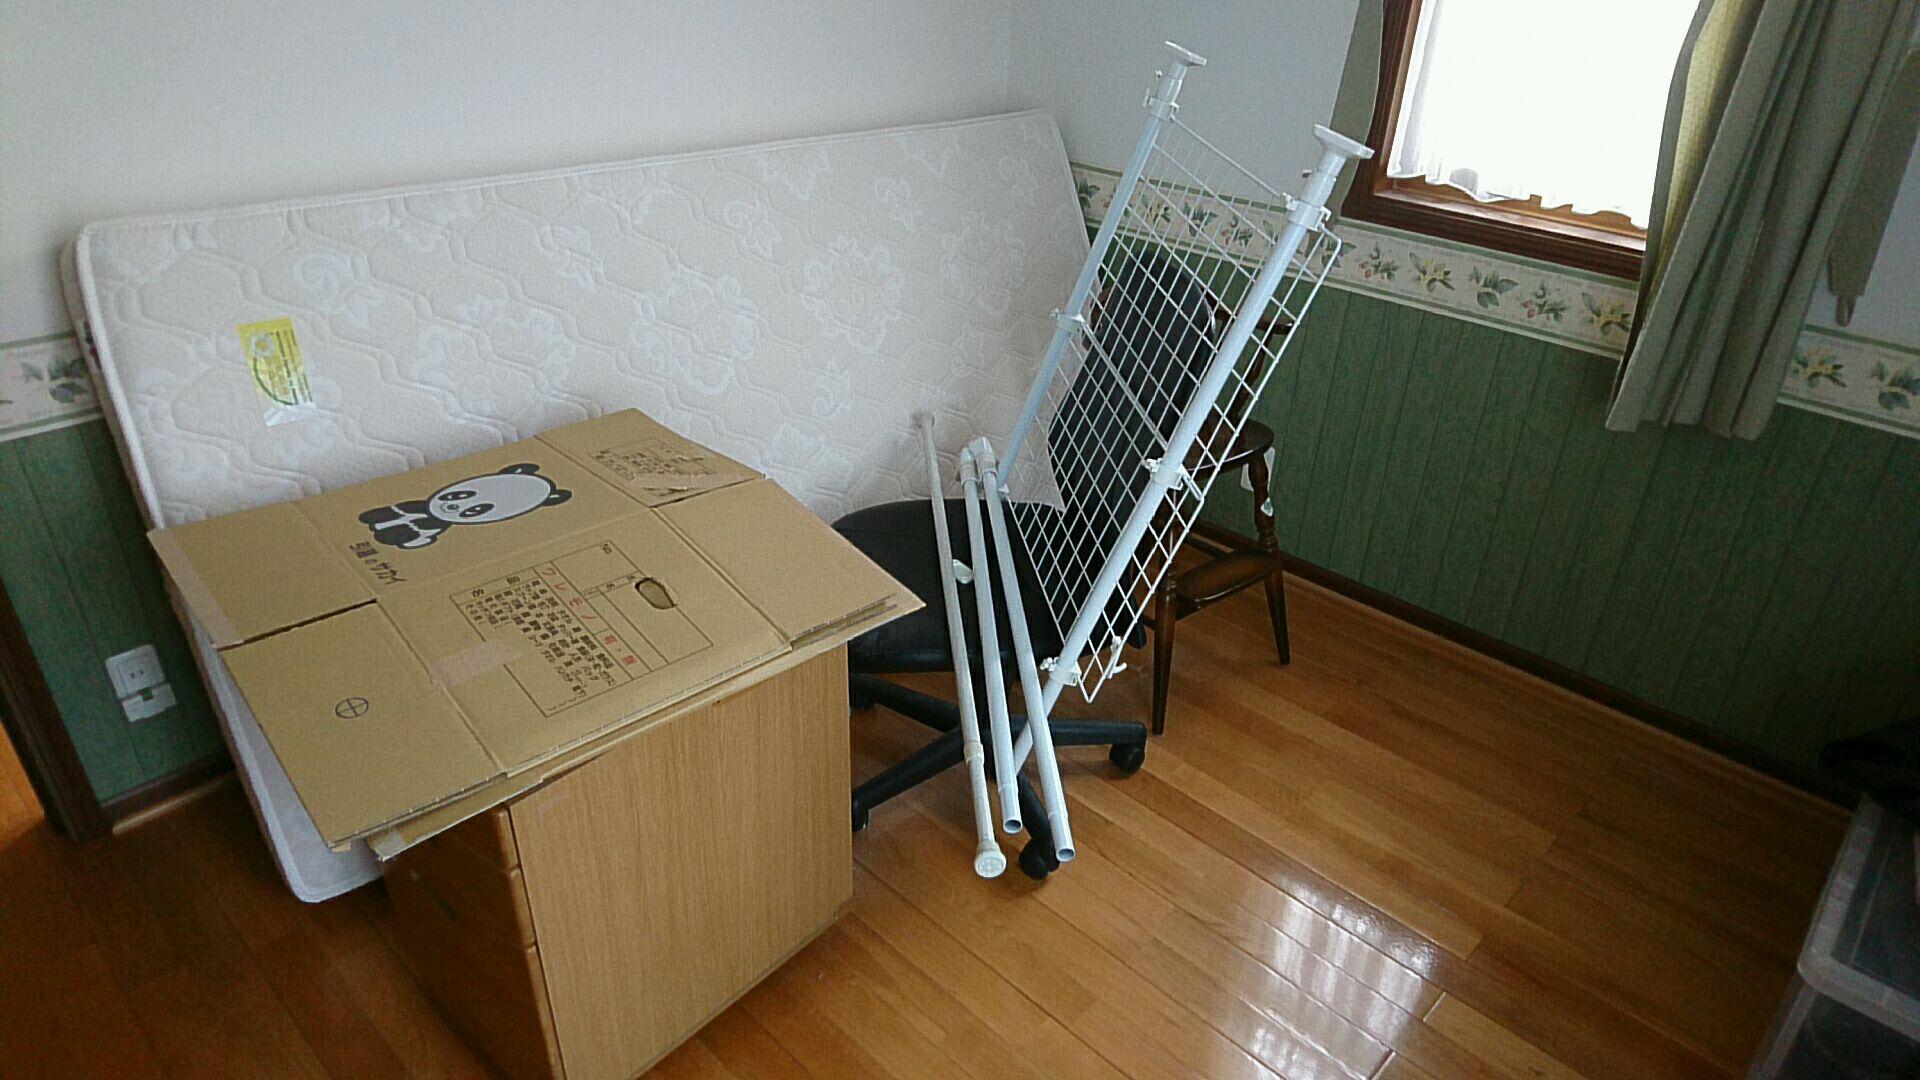 【愛知県名古屋市名東区】マットレスや袖机、チェア等の回収